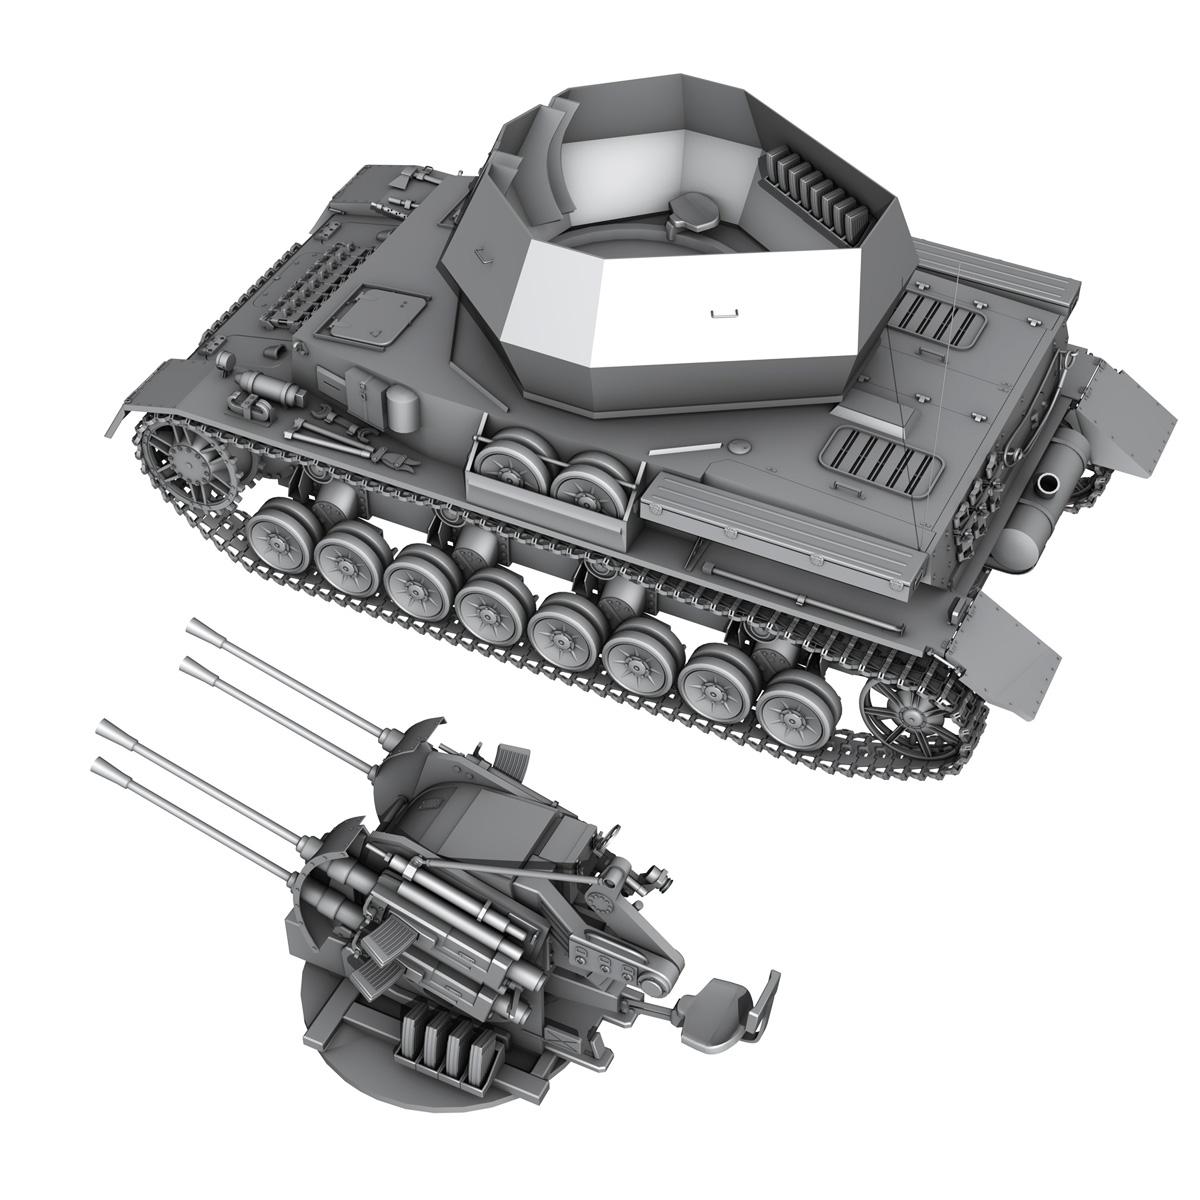 flakpanzer 4 - wirbelwind 3d model 3ds fbx c4d lwo obj 190391